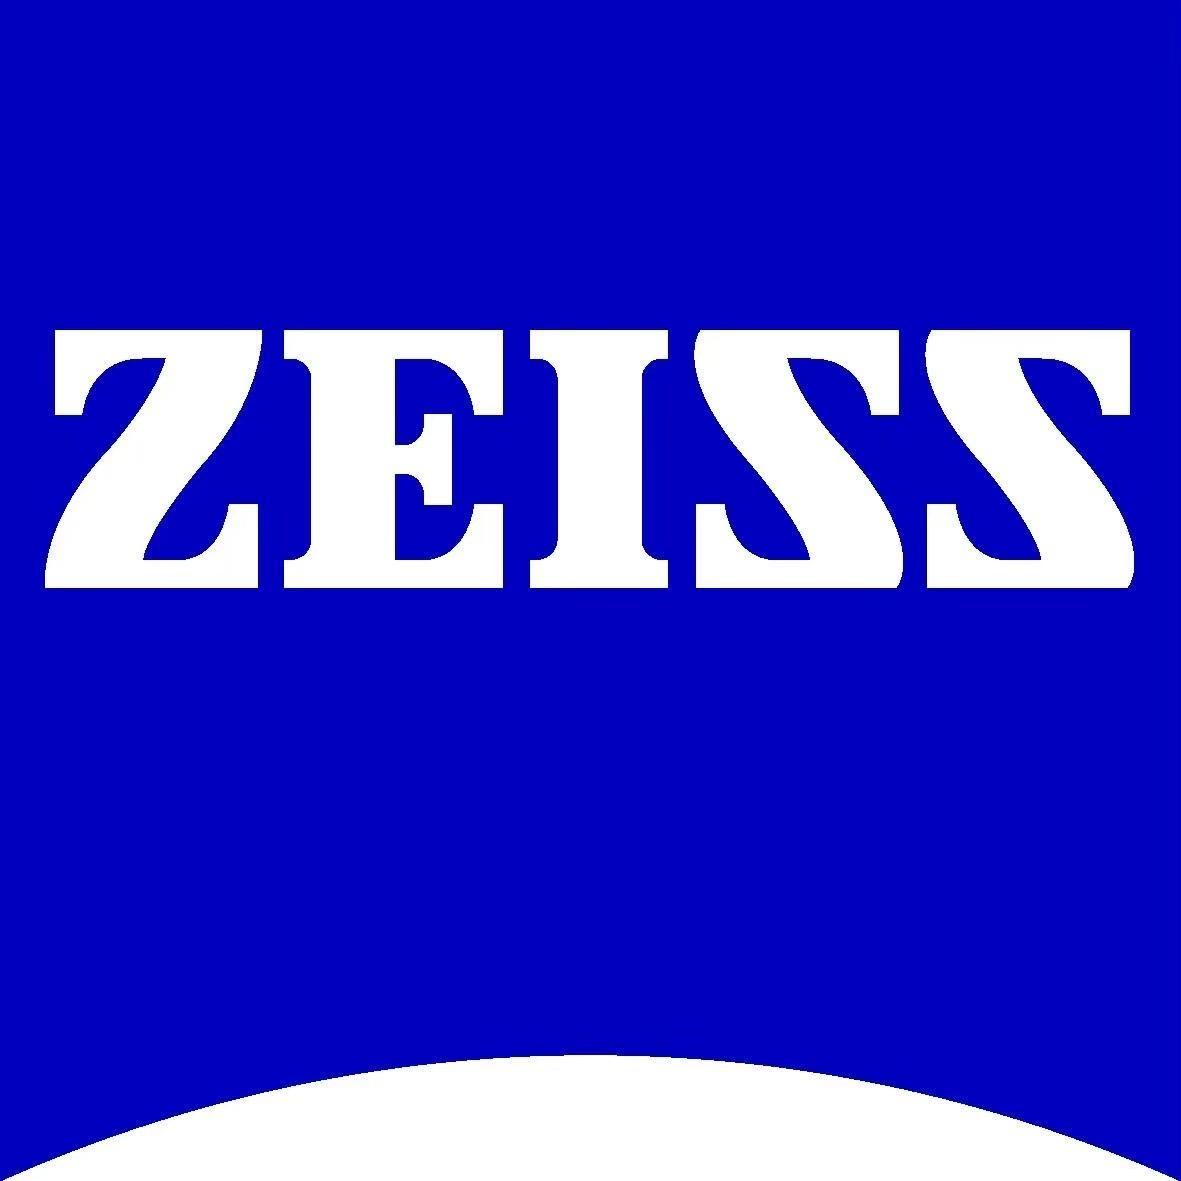 民視眼鏡品牌logo_200110_0010